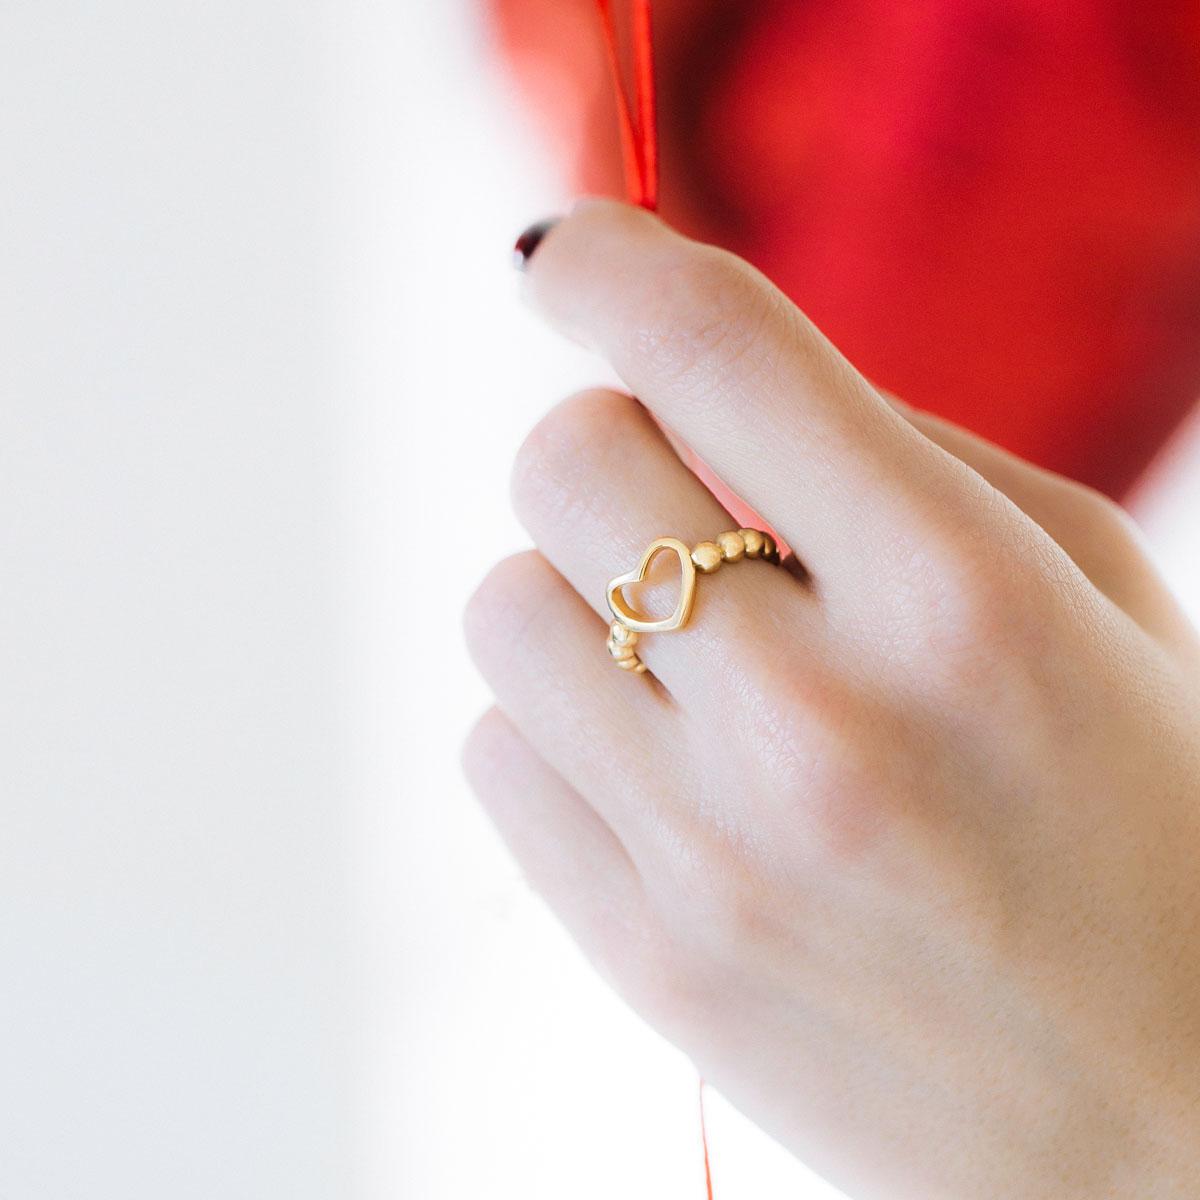 انگشتر طلا قلب توپ توپی 2